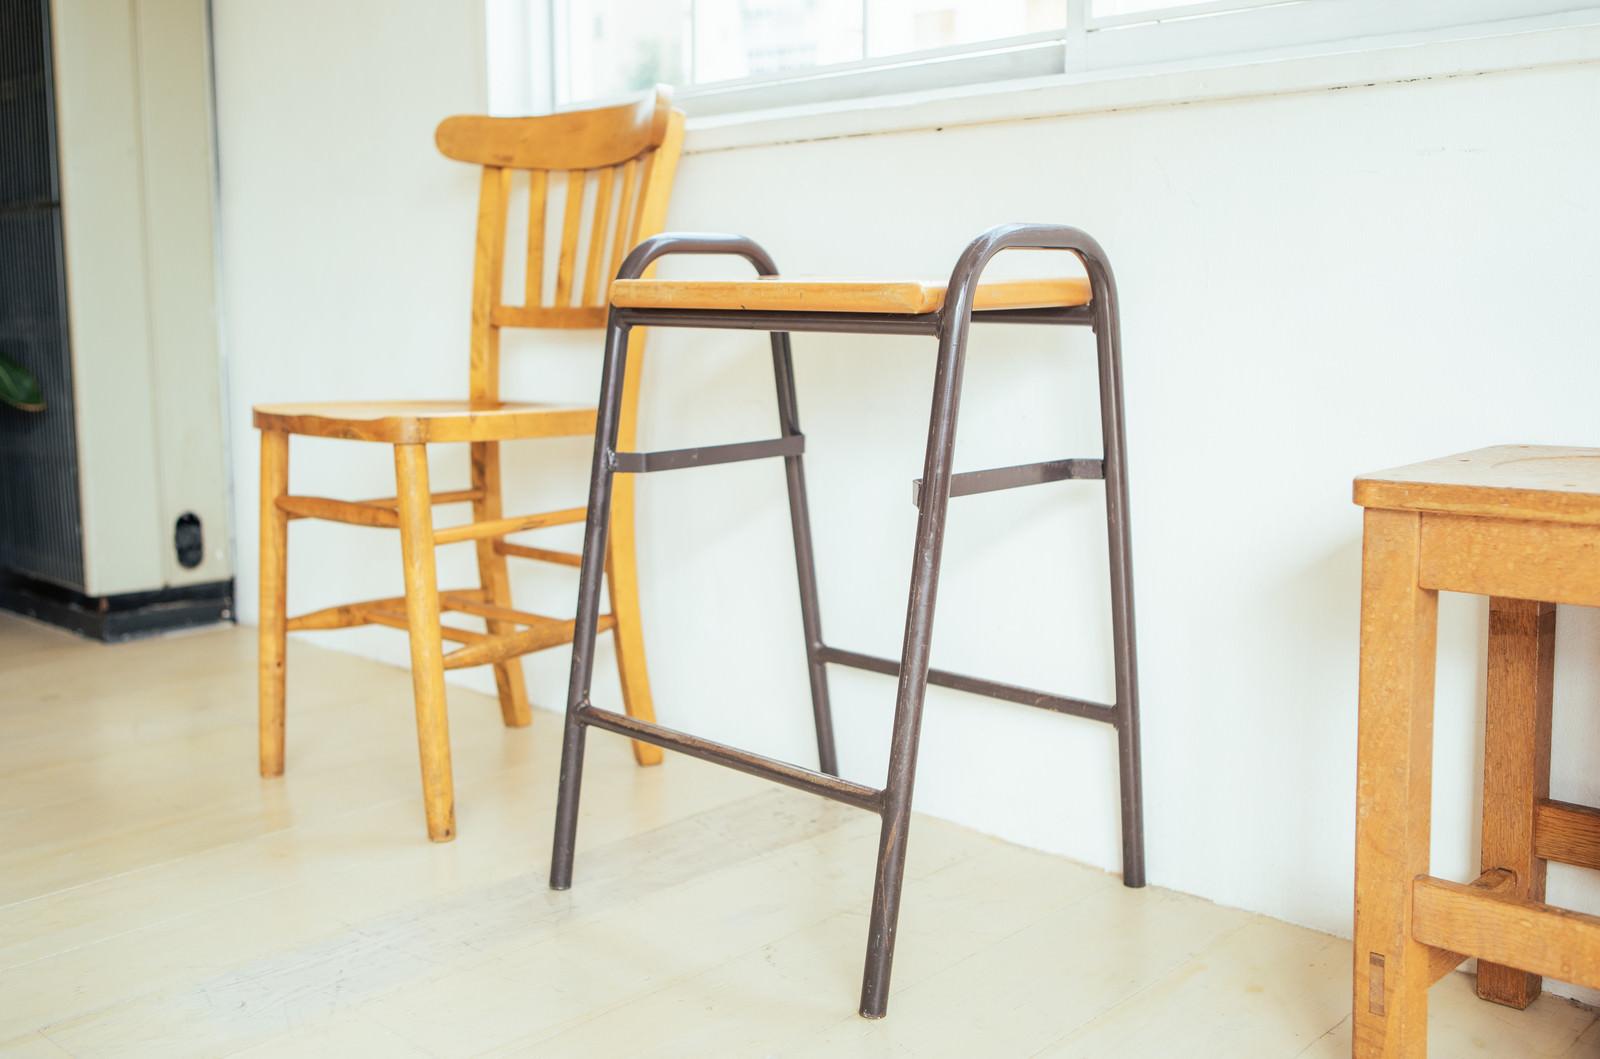 「木製の椅子の間に置かれたサイドテーブル」の写真